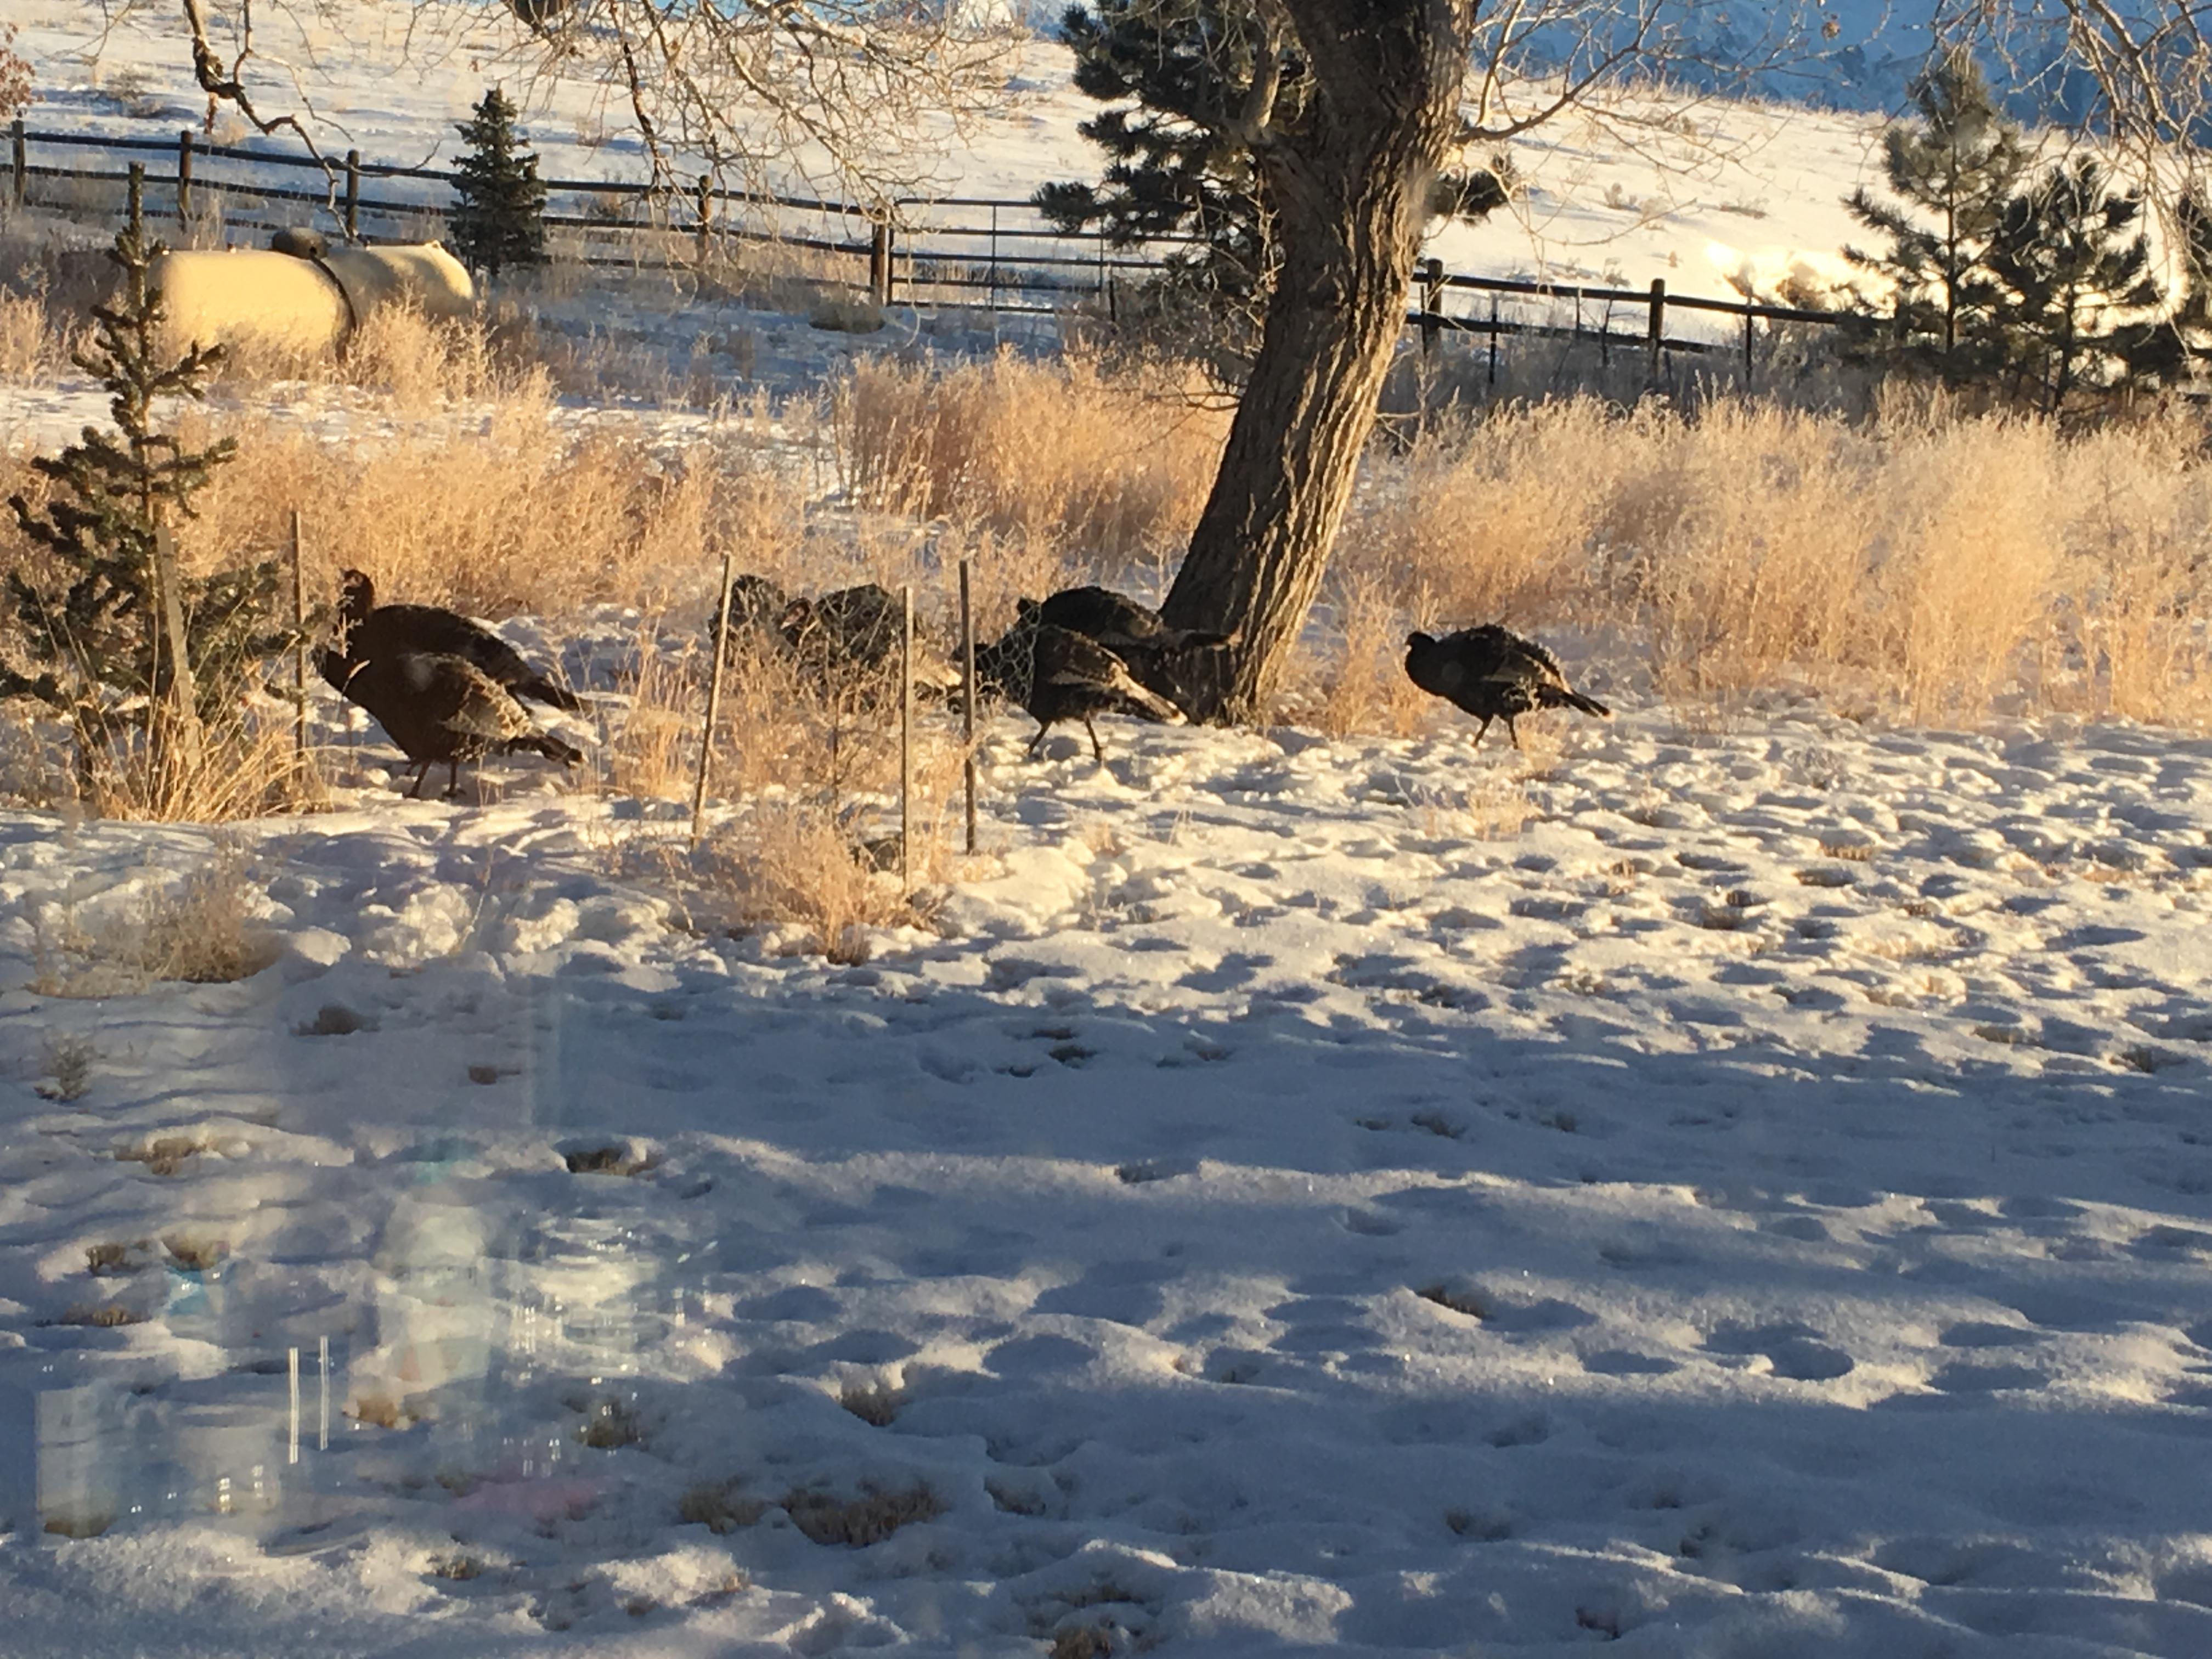 Turkeys in yard at cabin